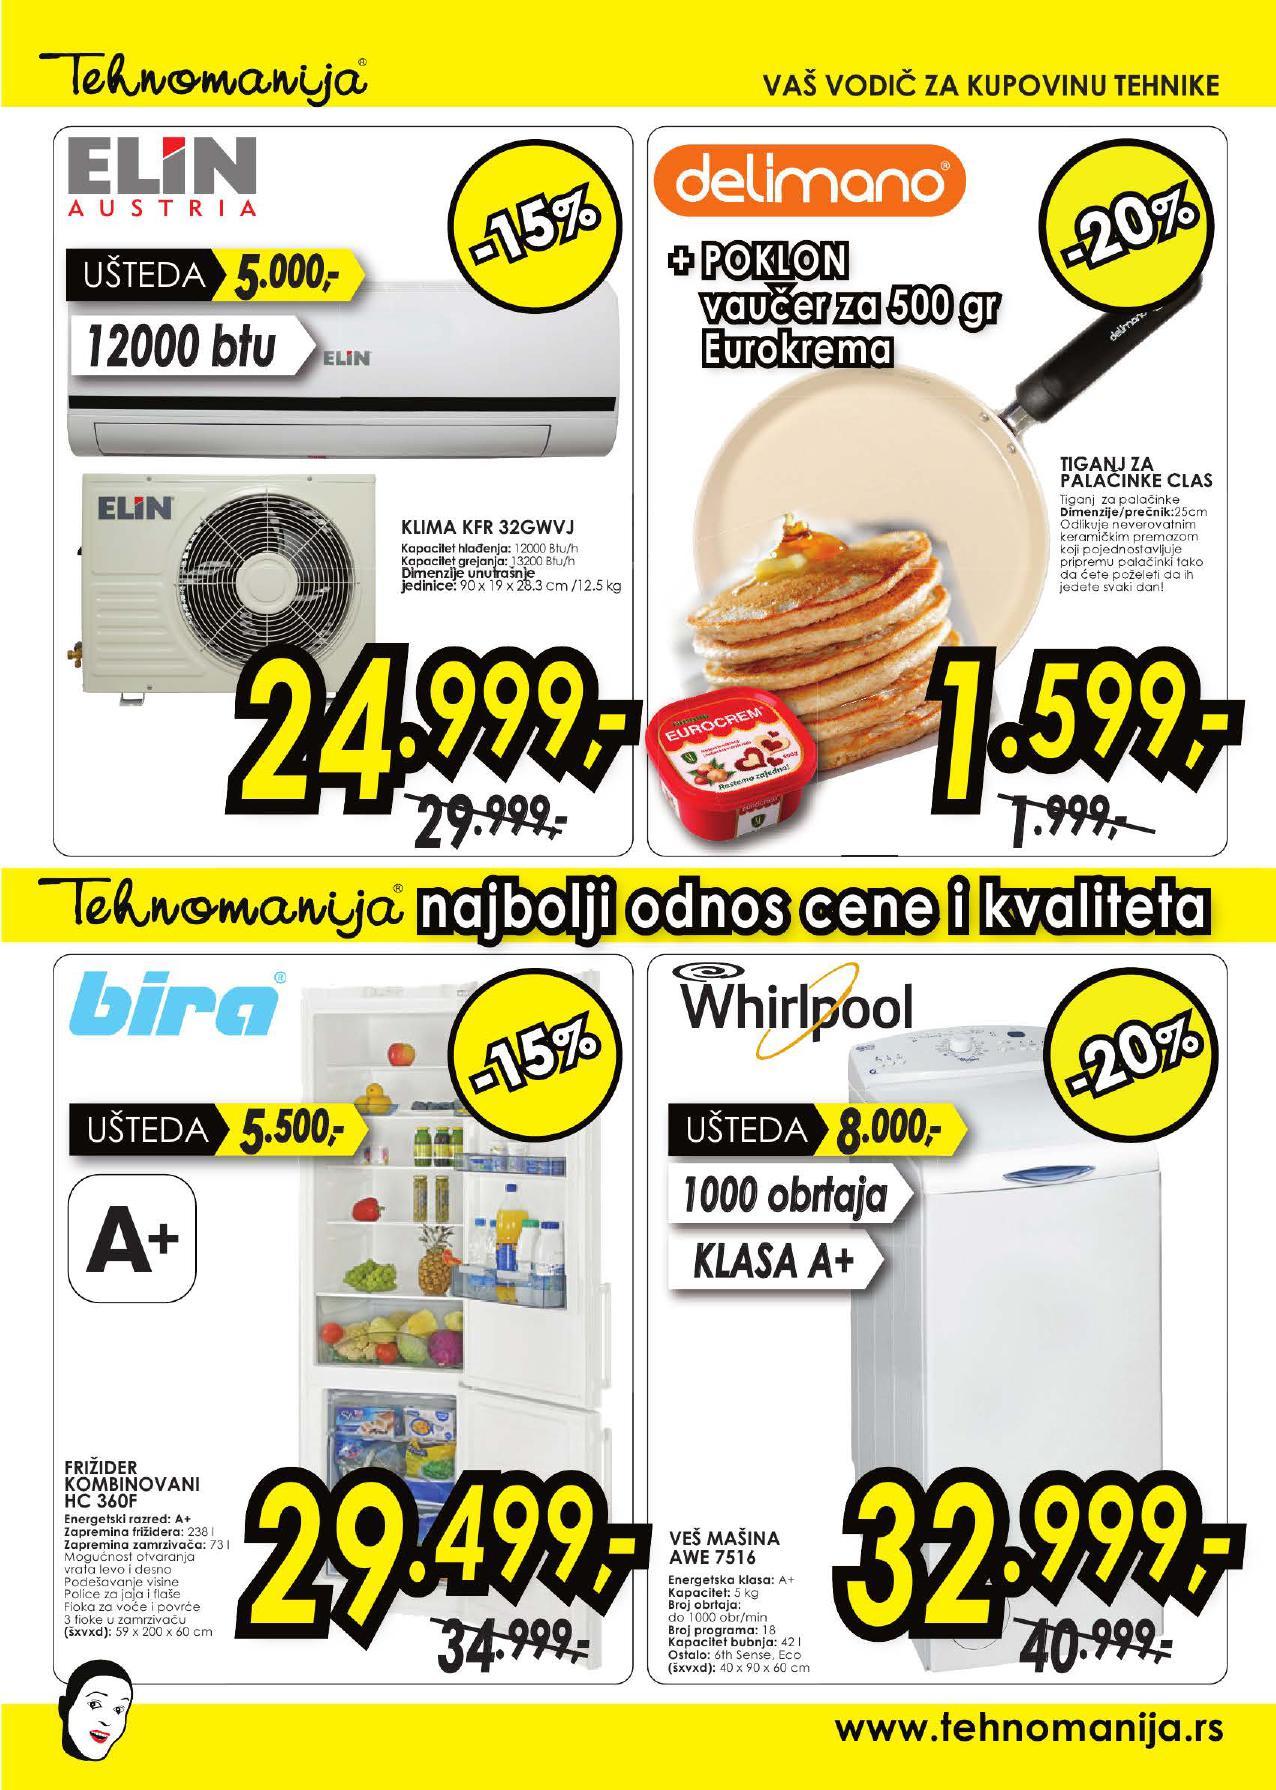 Tehnomanija katalog vikend vaše kupovine